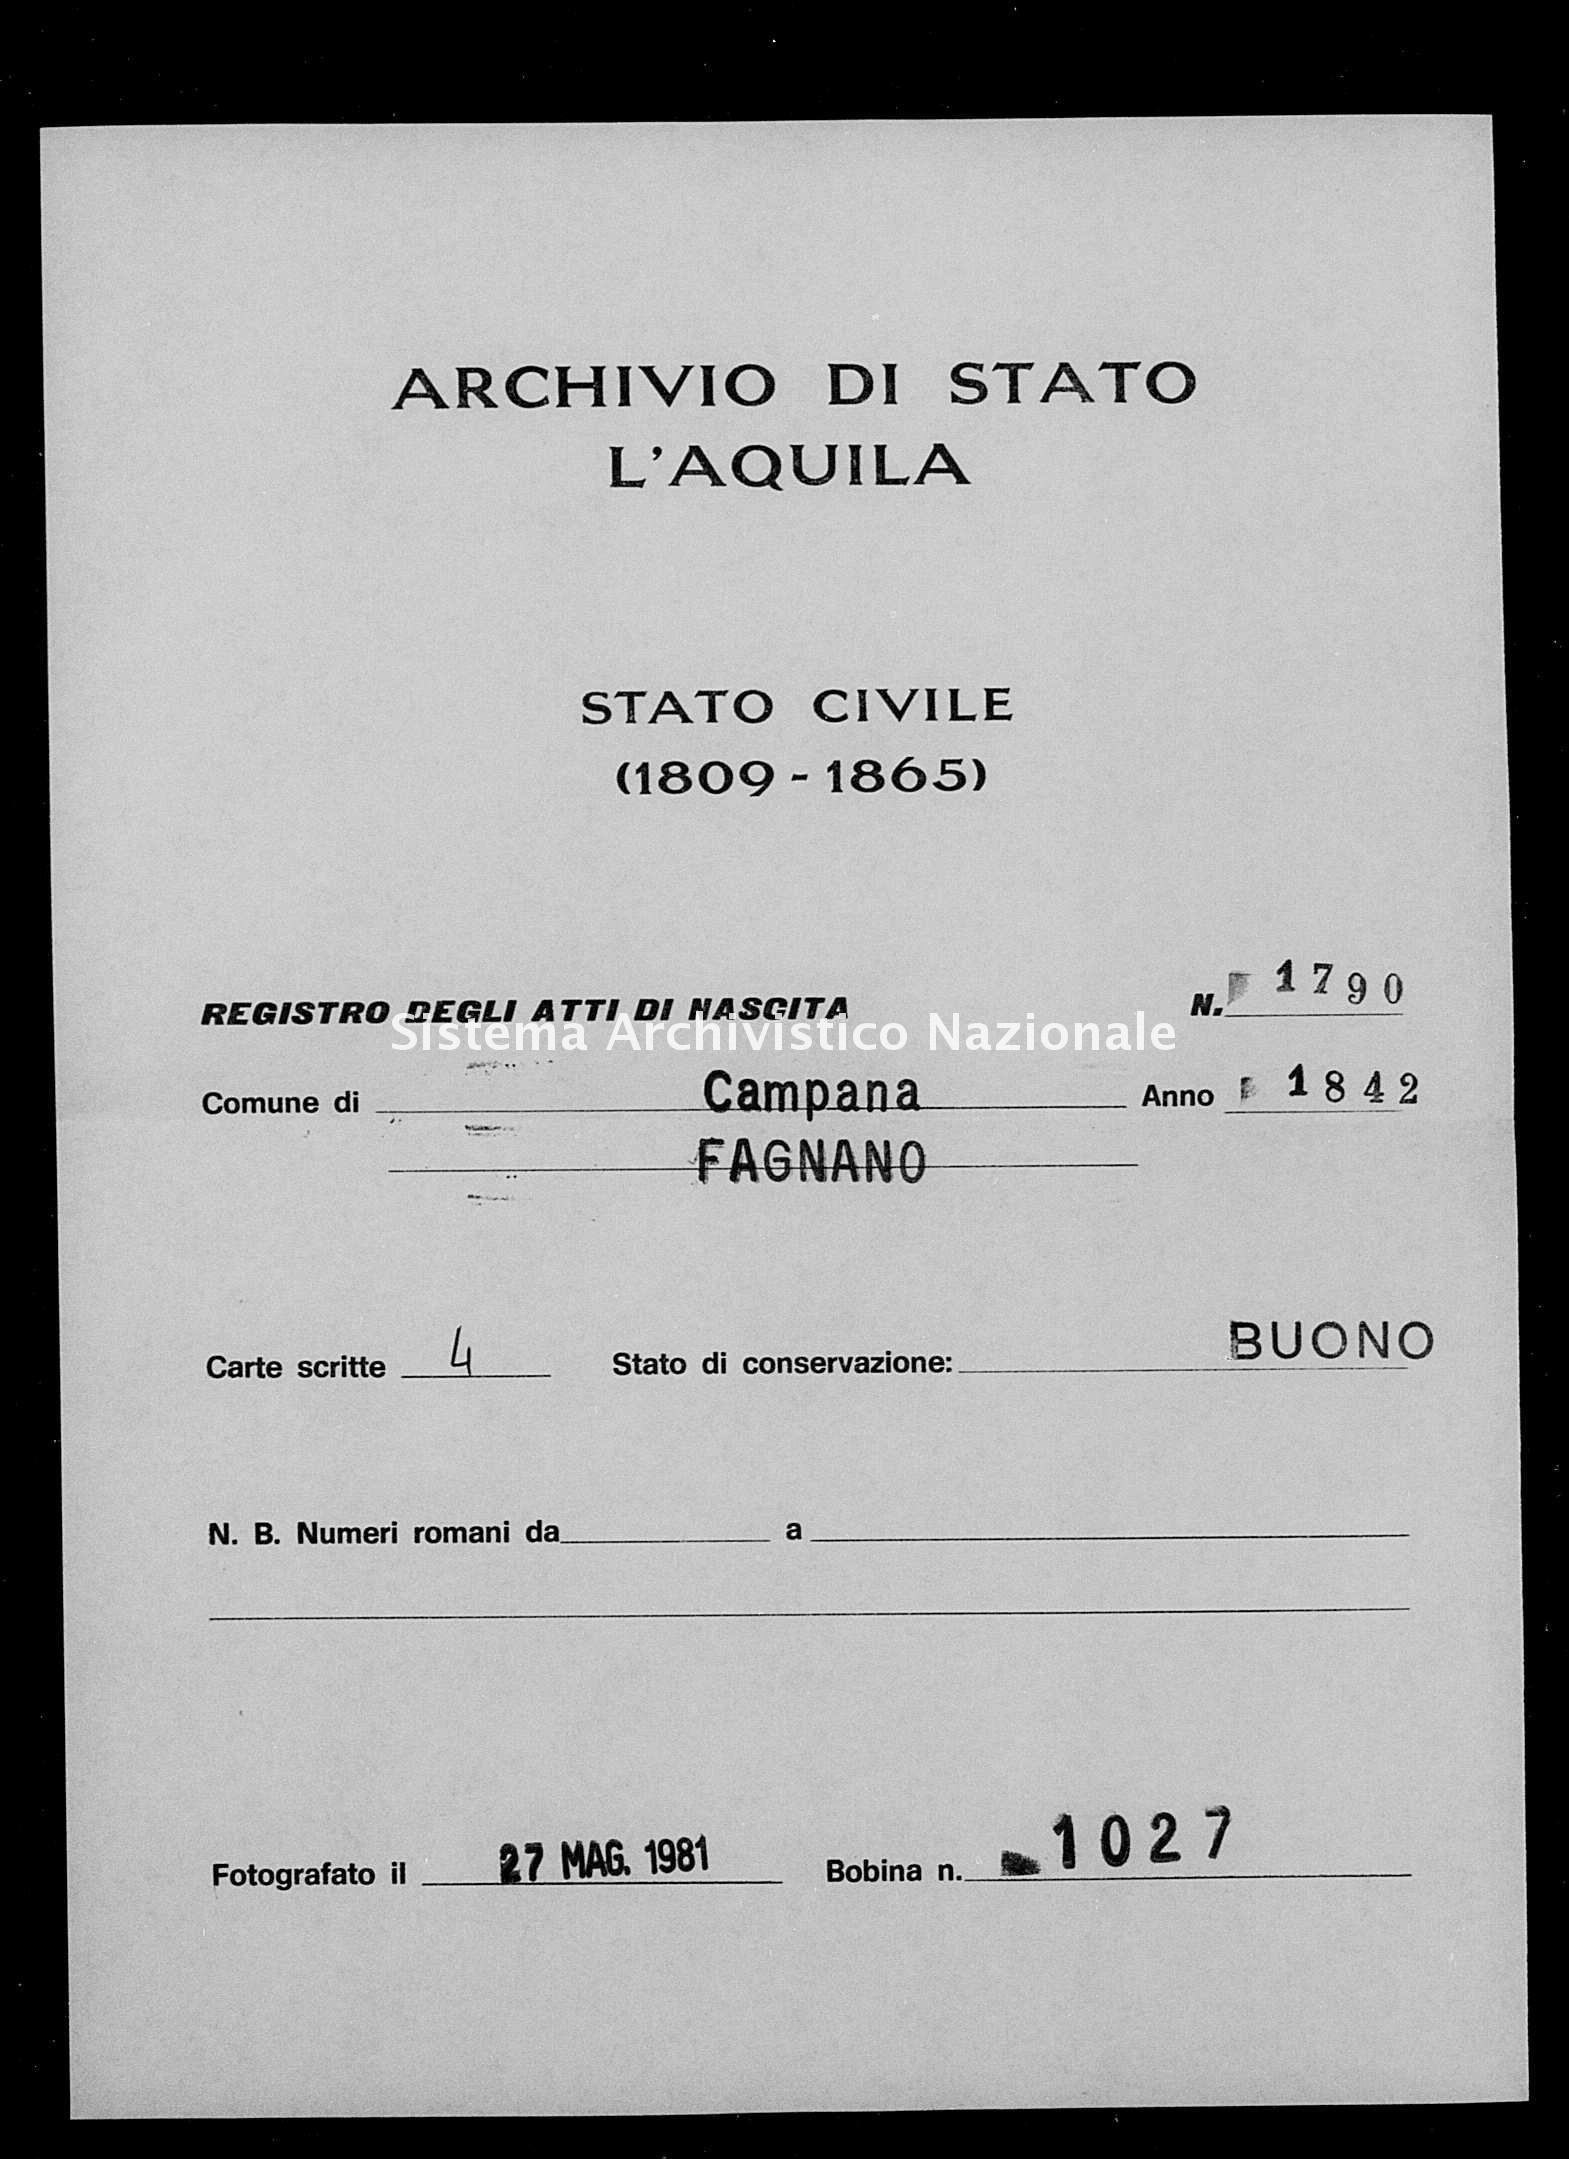 Archivio di stato di L'aquila - Stato civile della restaurazione - Campana - Nati - 1842 - 1790 -